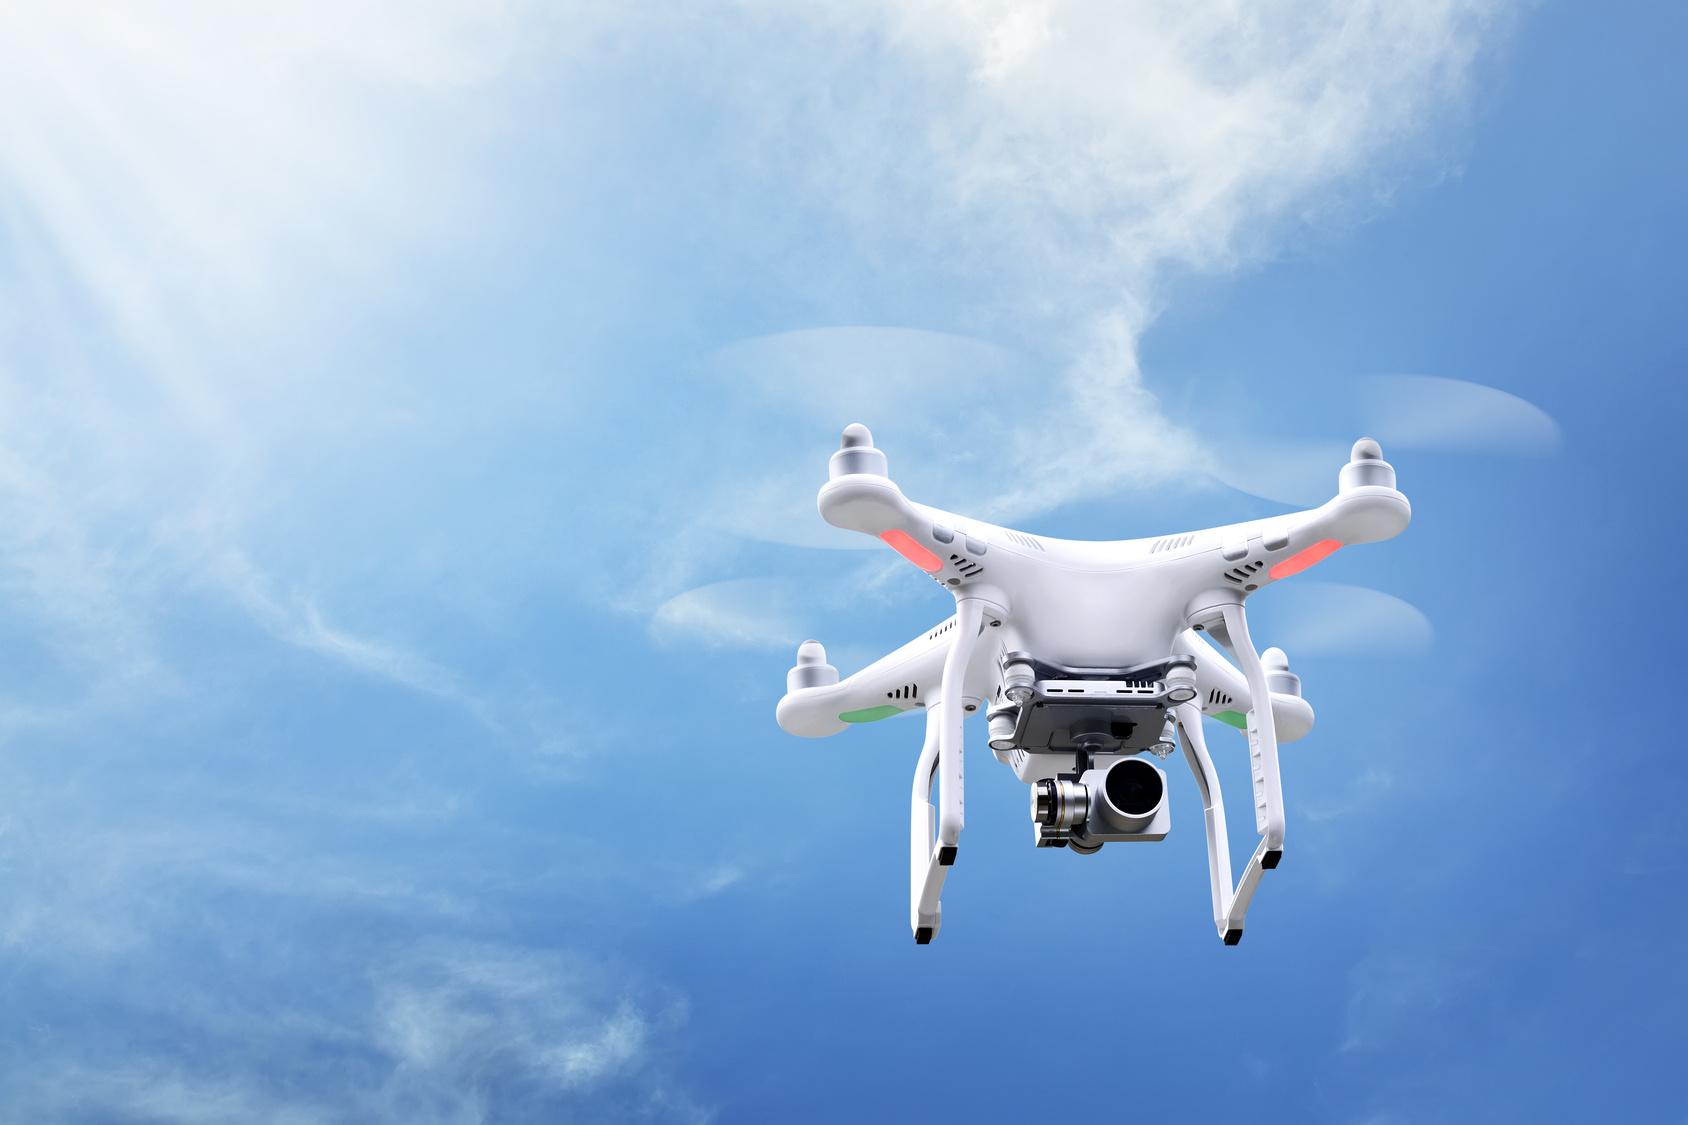 Dronenversicherung wie kann ich meine Drone richtig absichern?